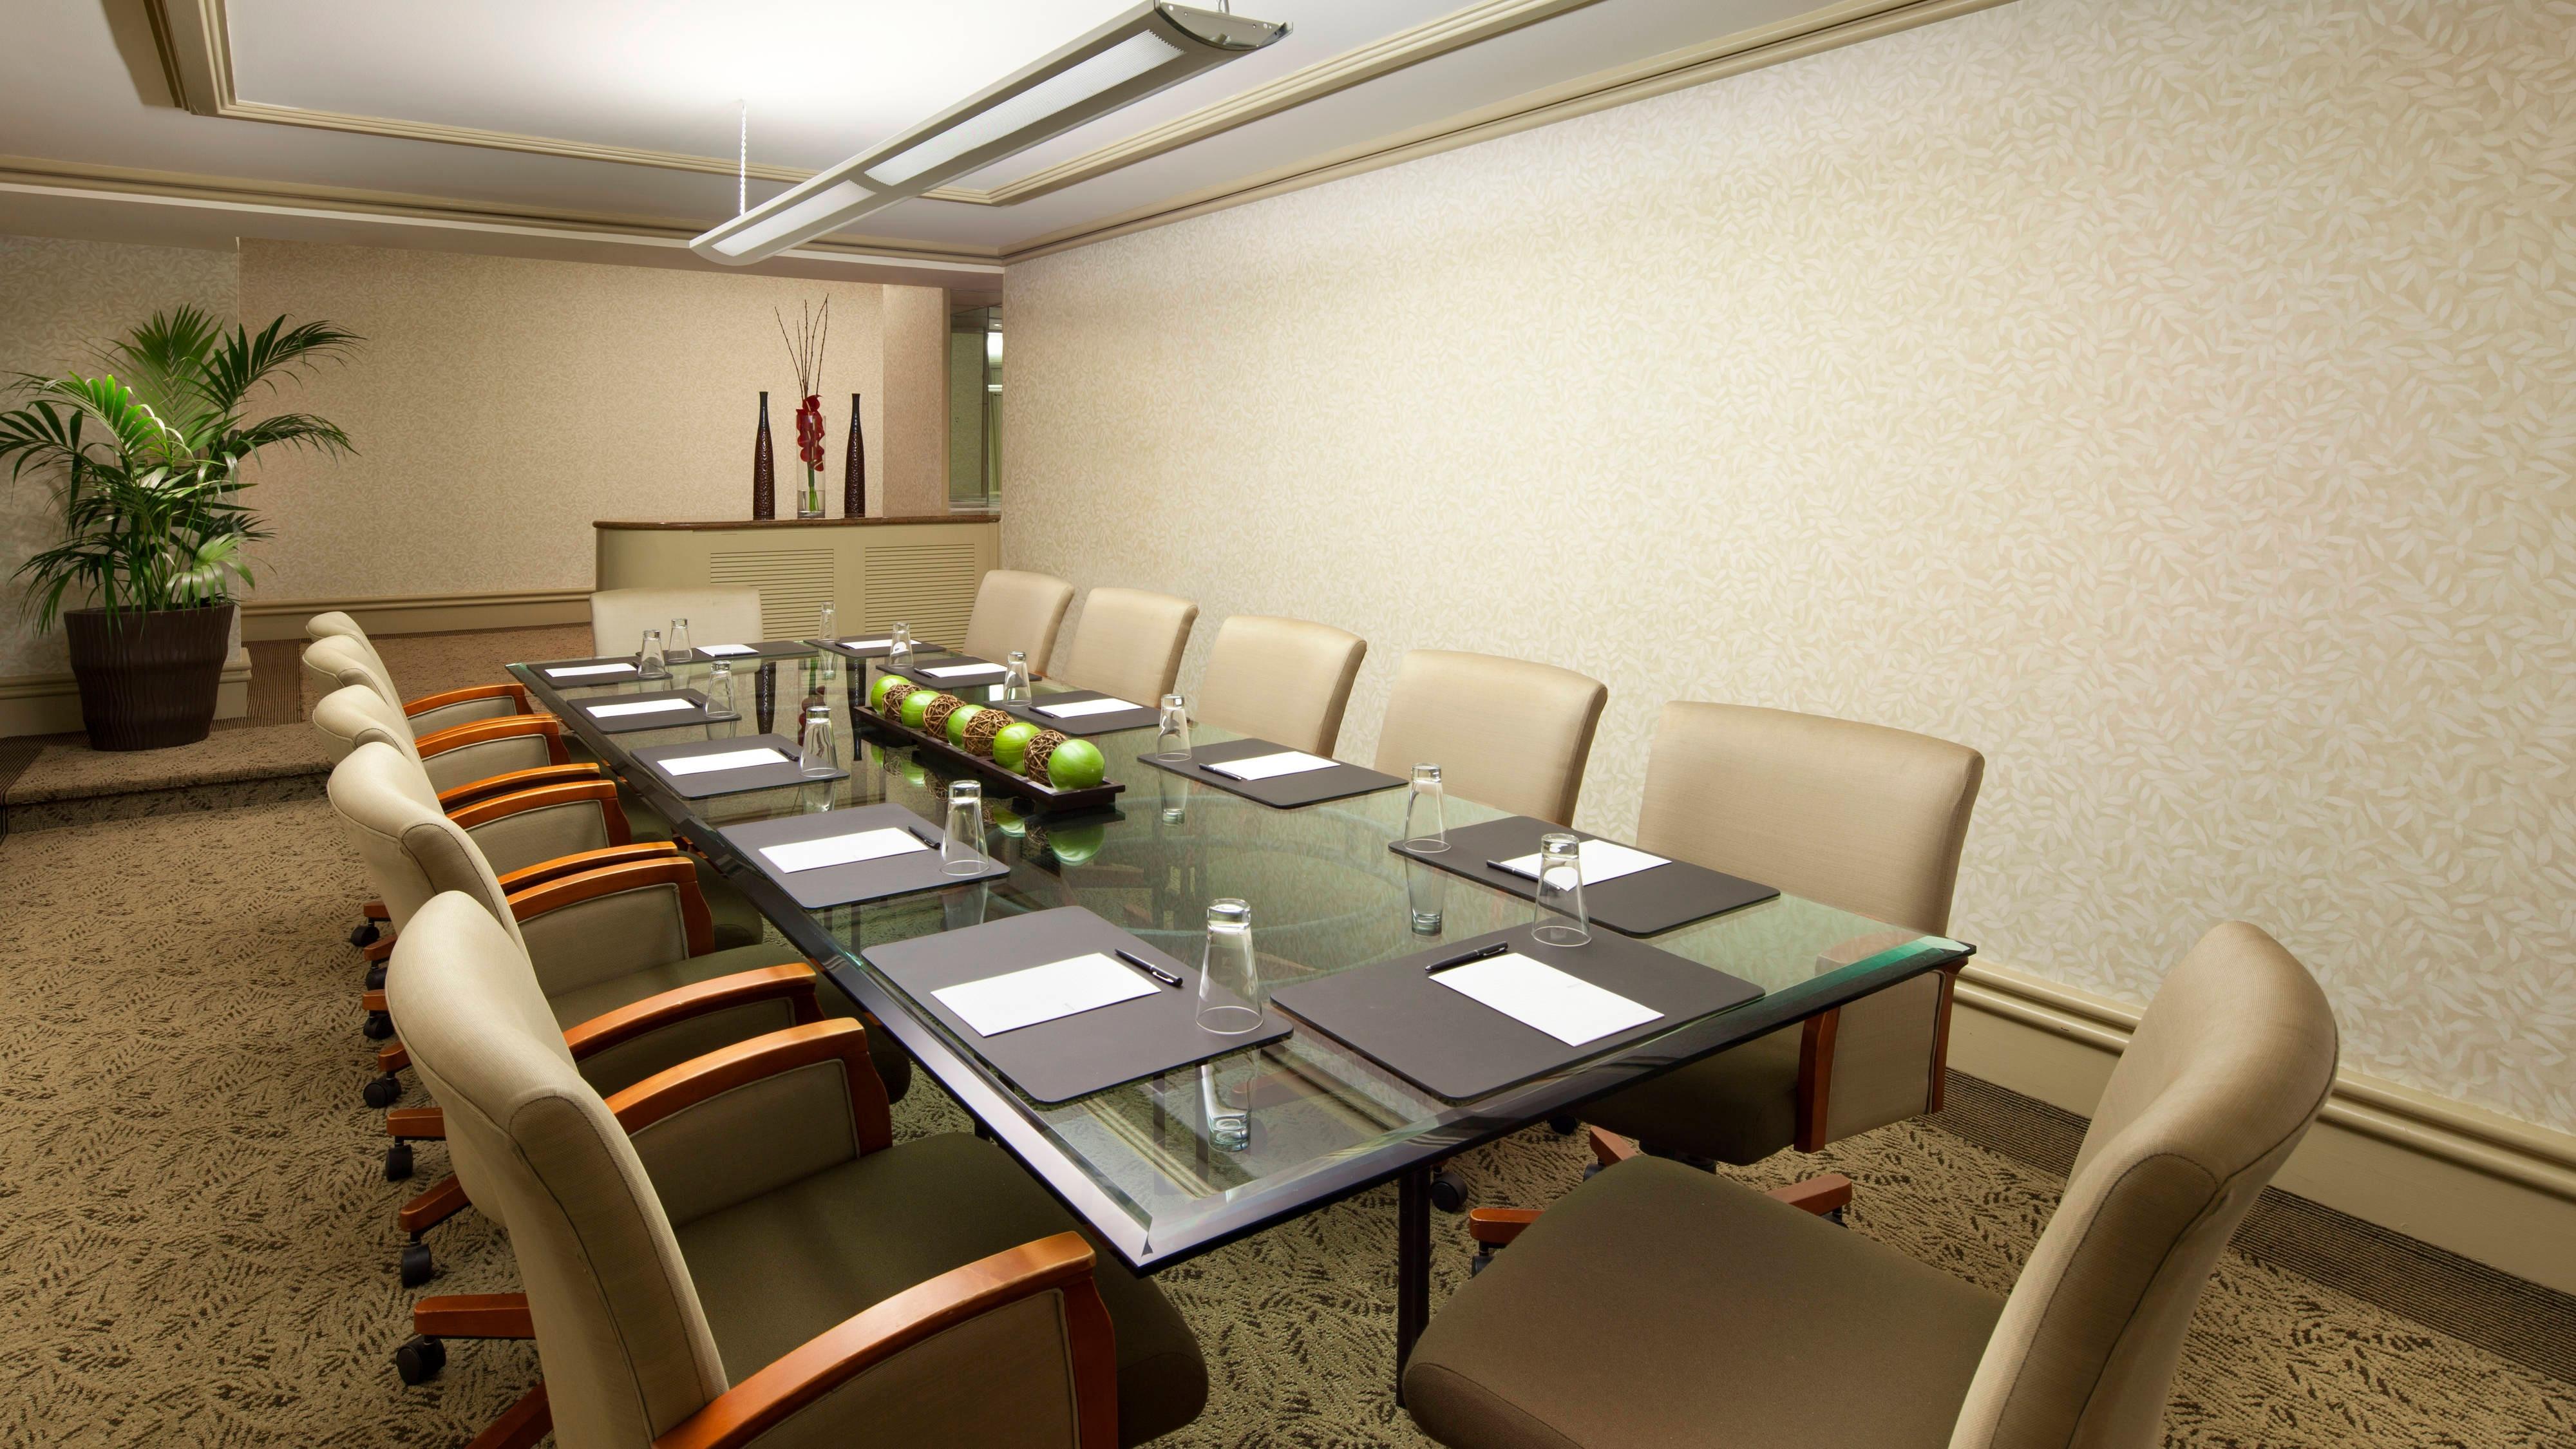 Ka anapali Boardroom